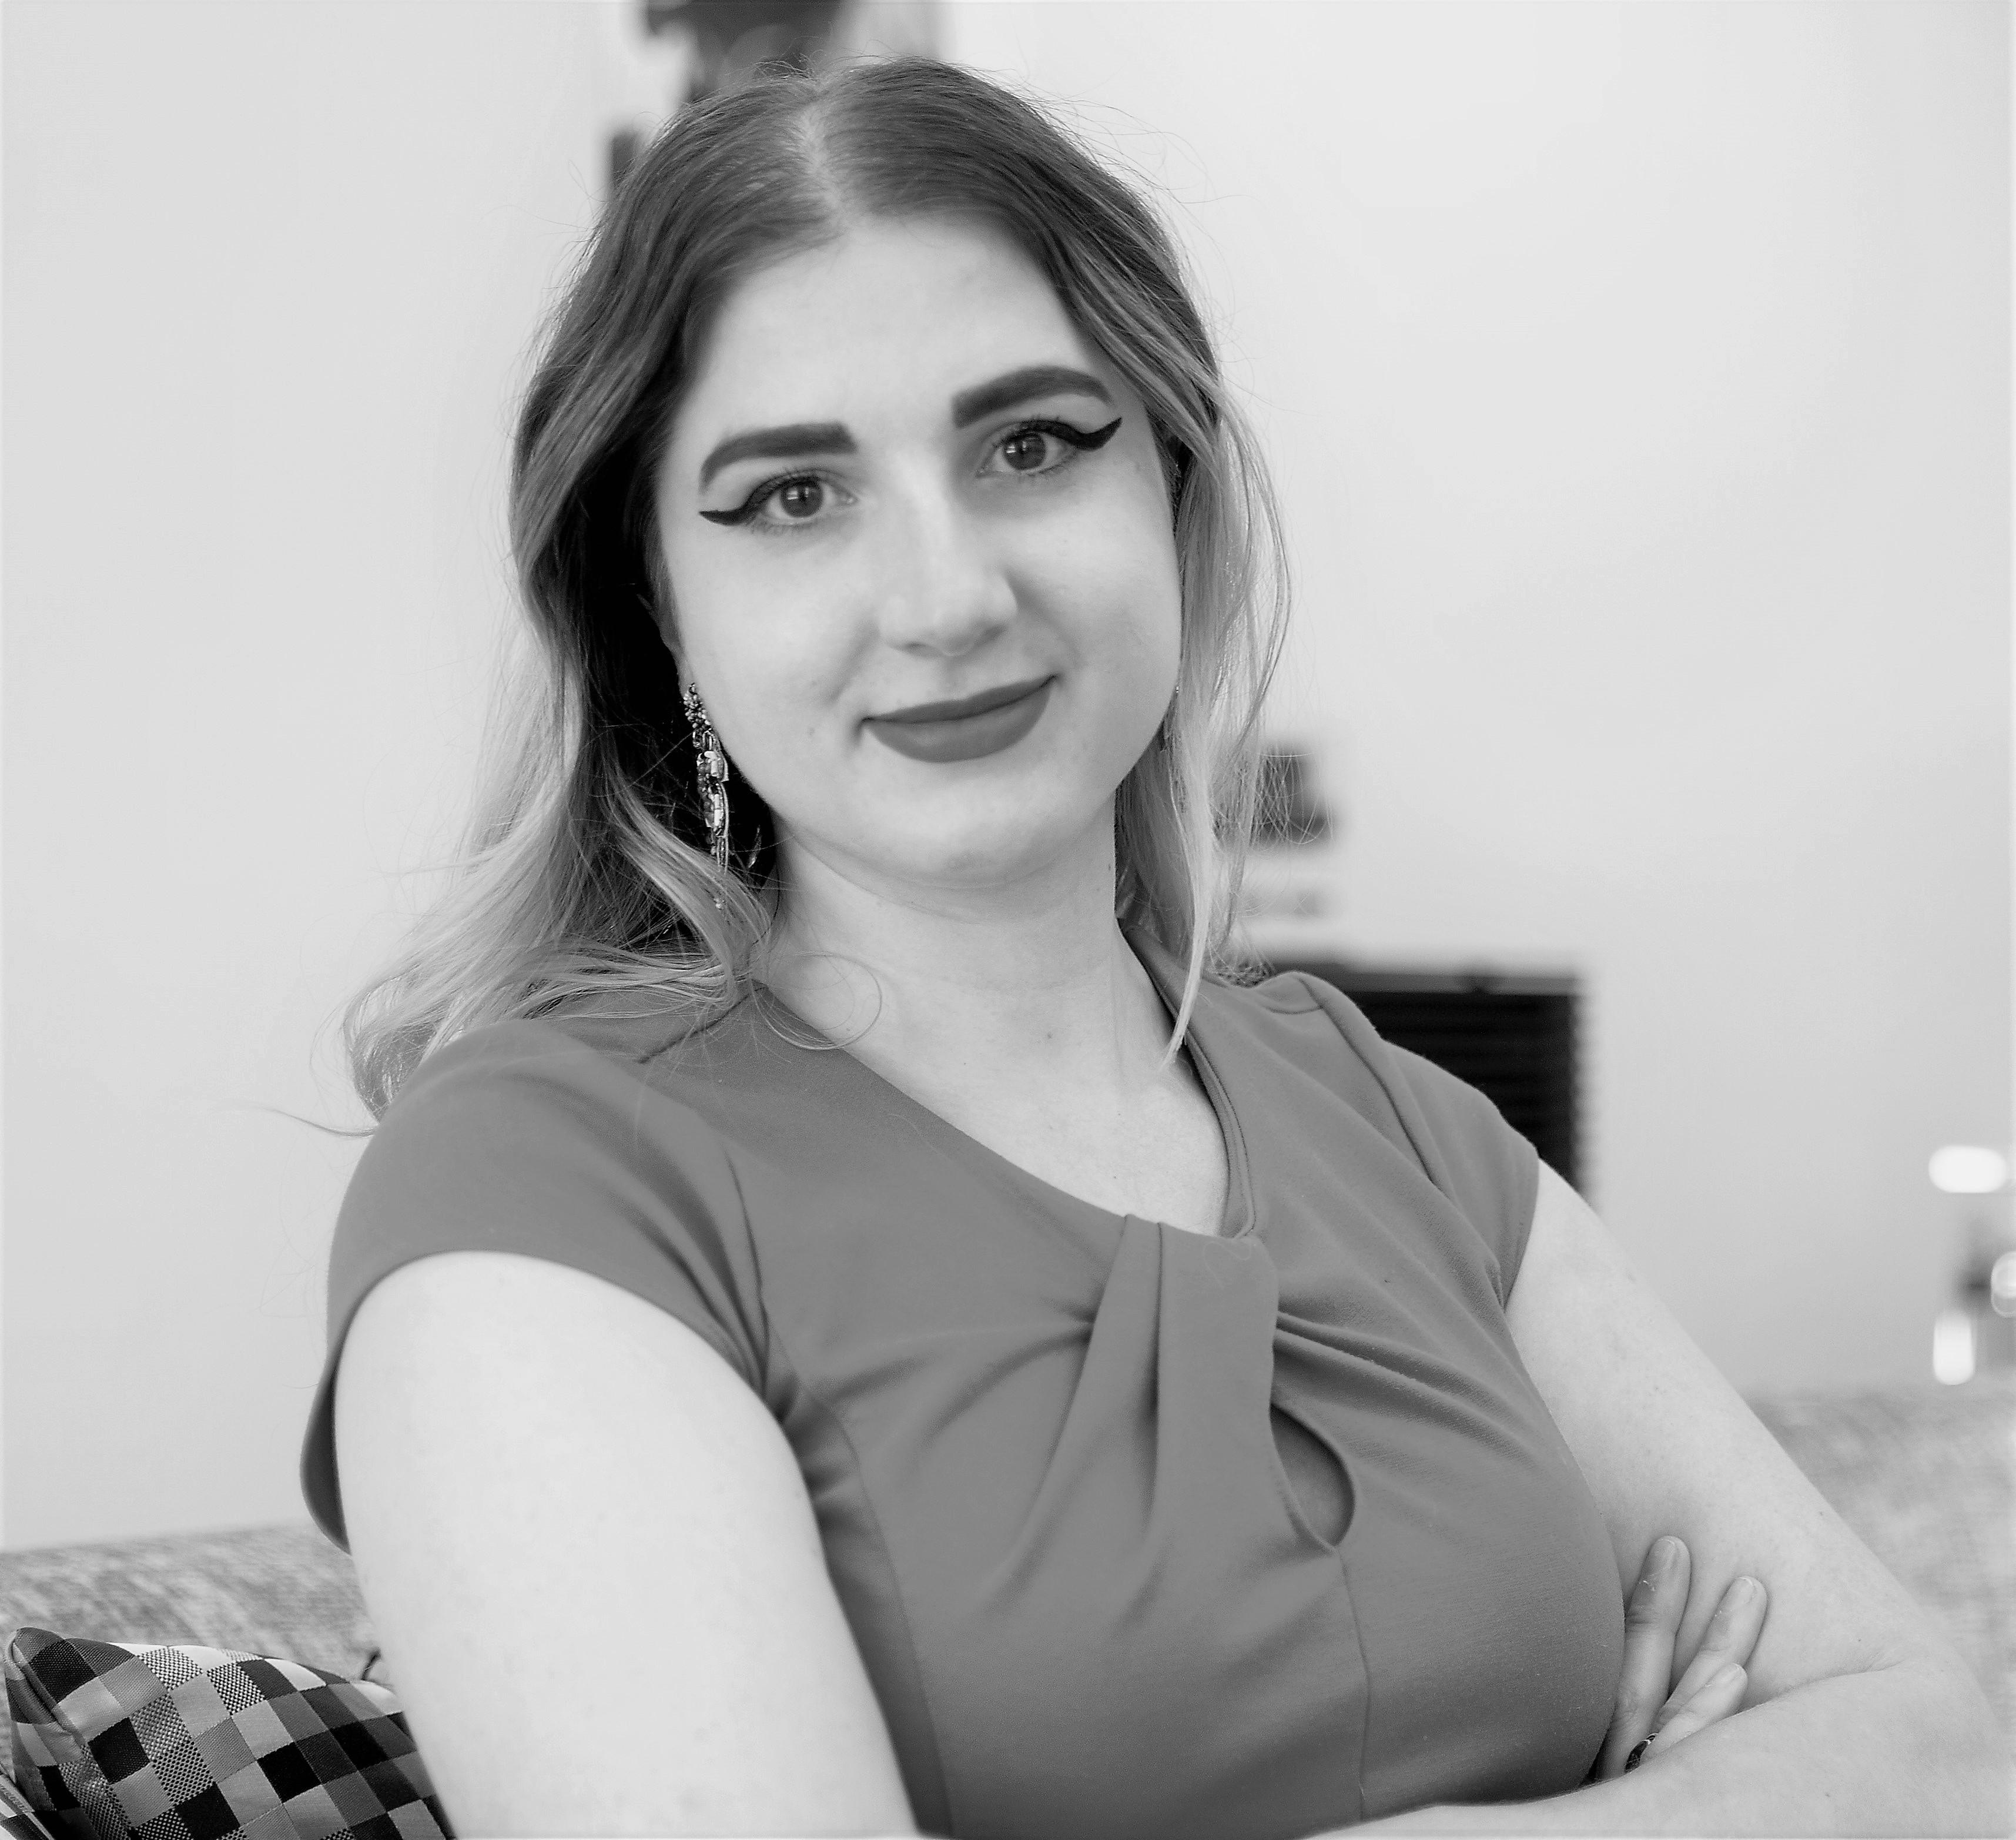 Gabriella Grant